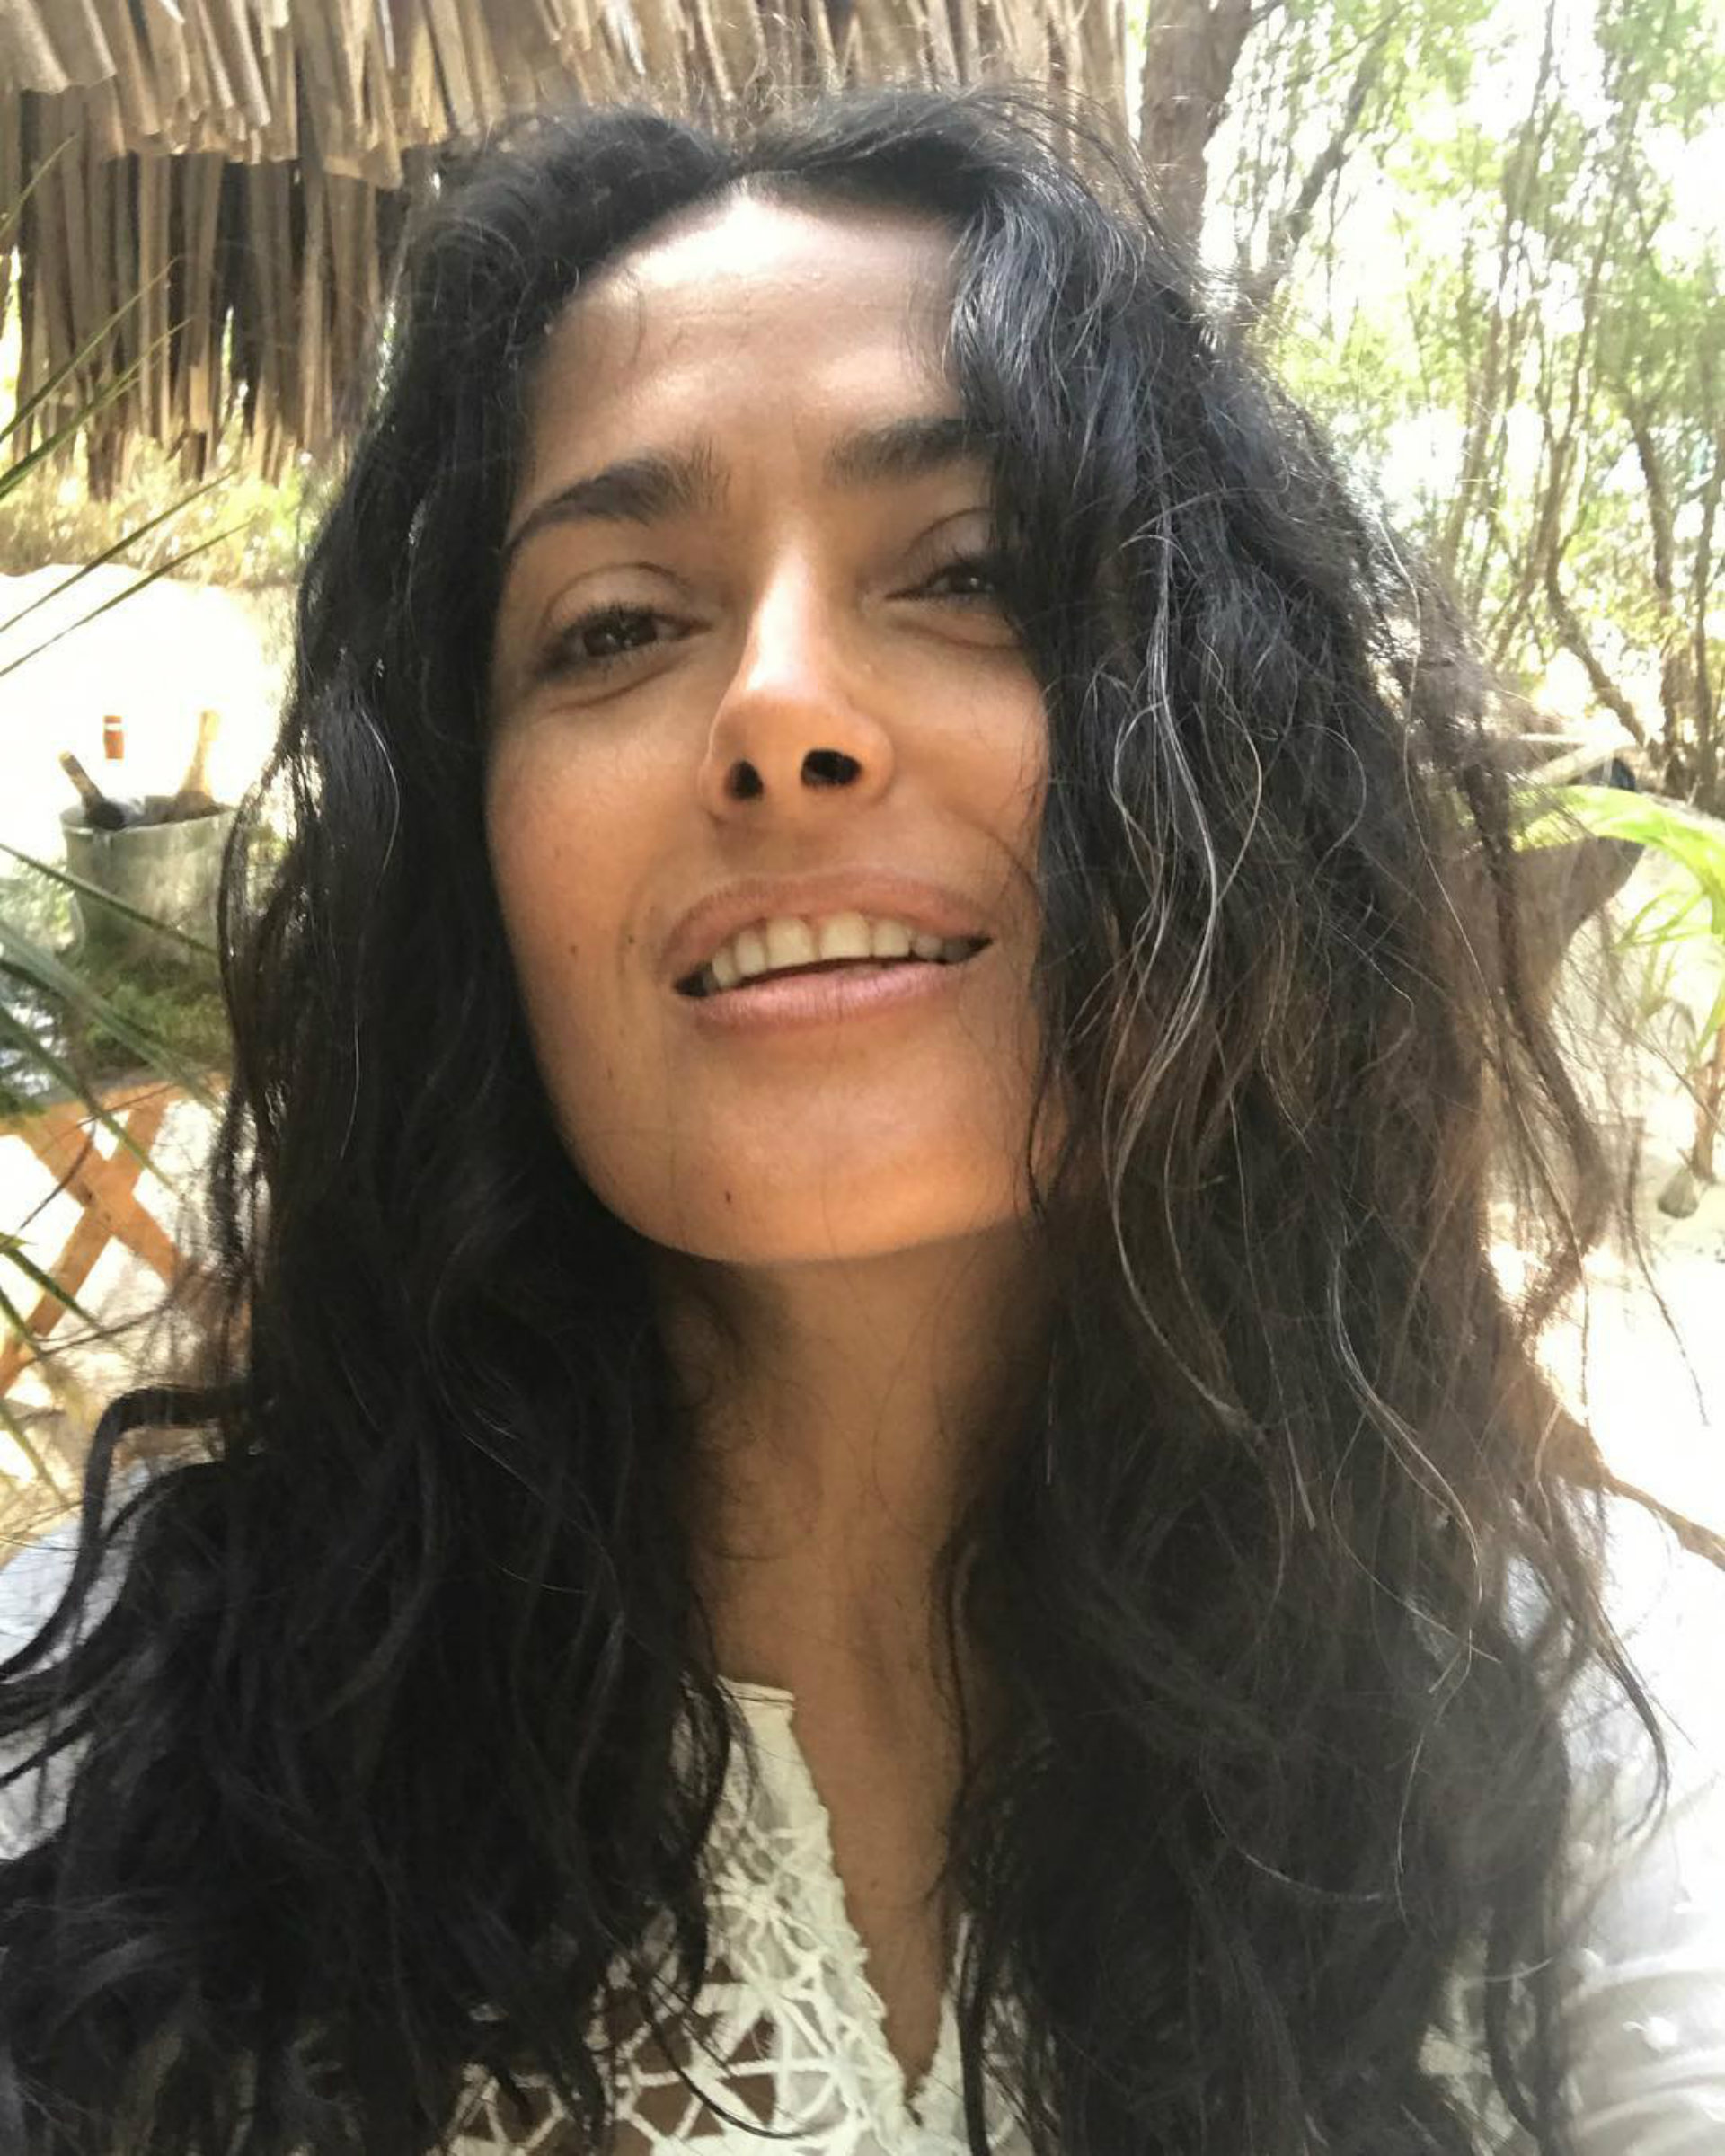 Salma sin maquillaje y luciendo sus canas (Instagram)